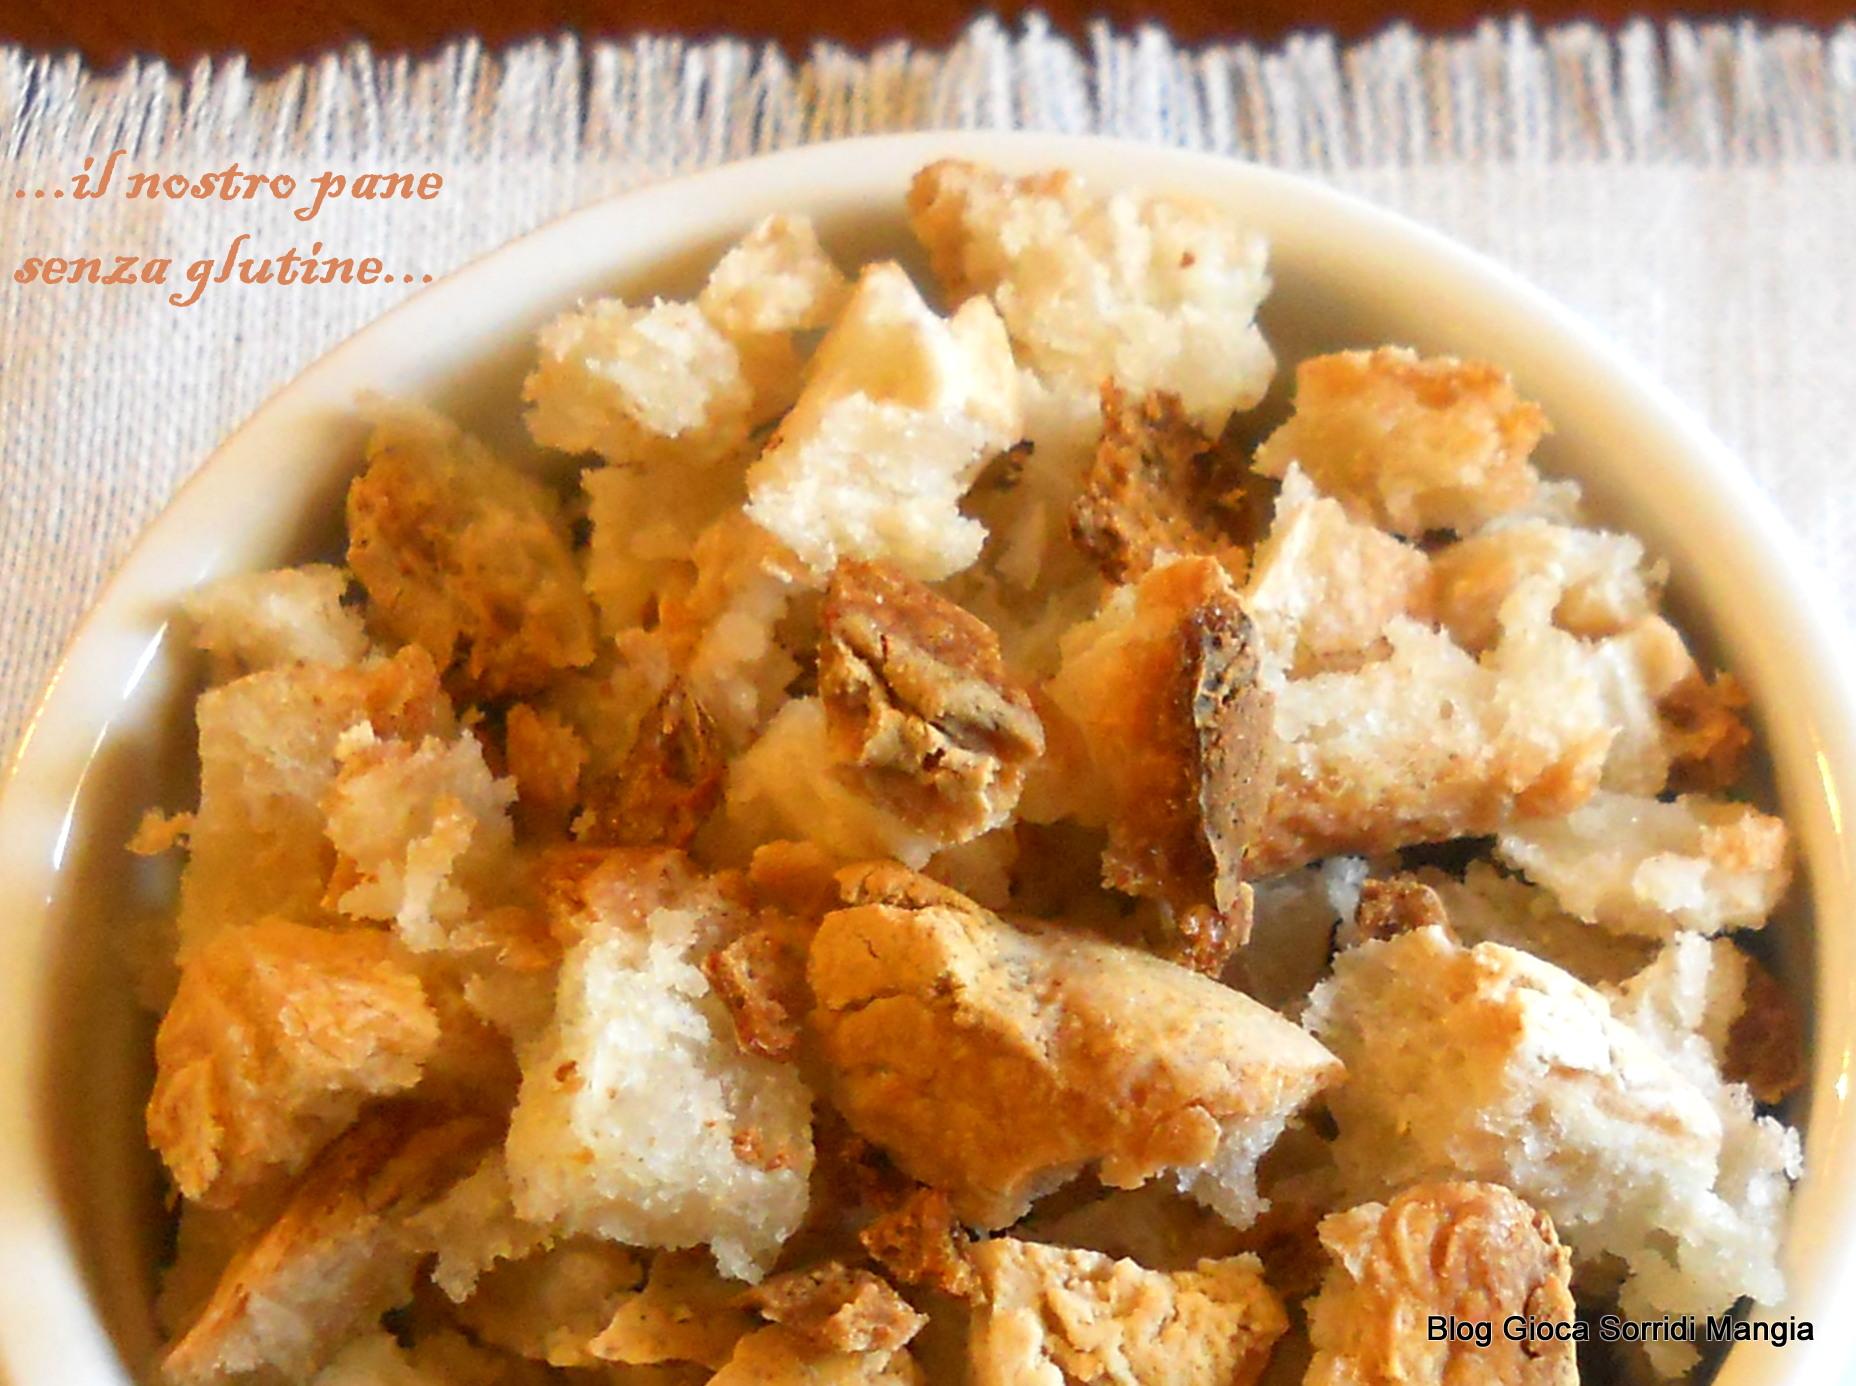 Canederli u csenza glutineu d al formaggio fontal e farina di quinoa